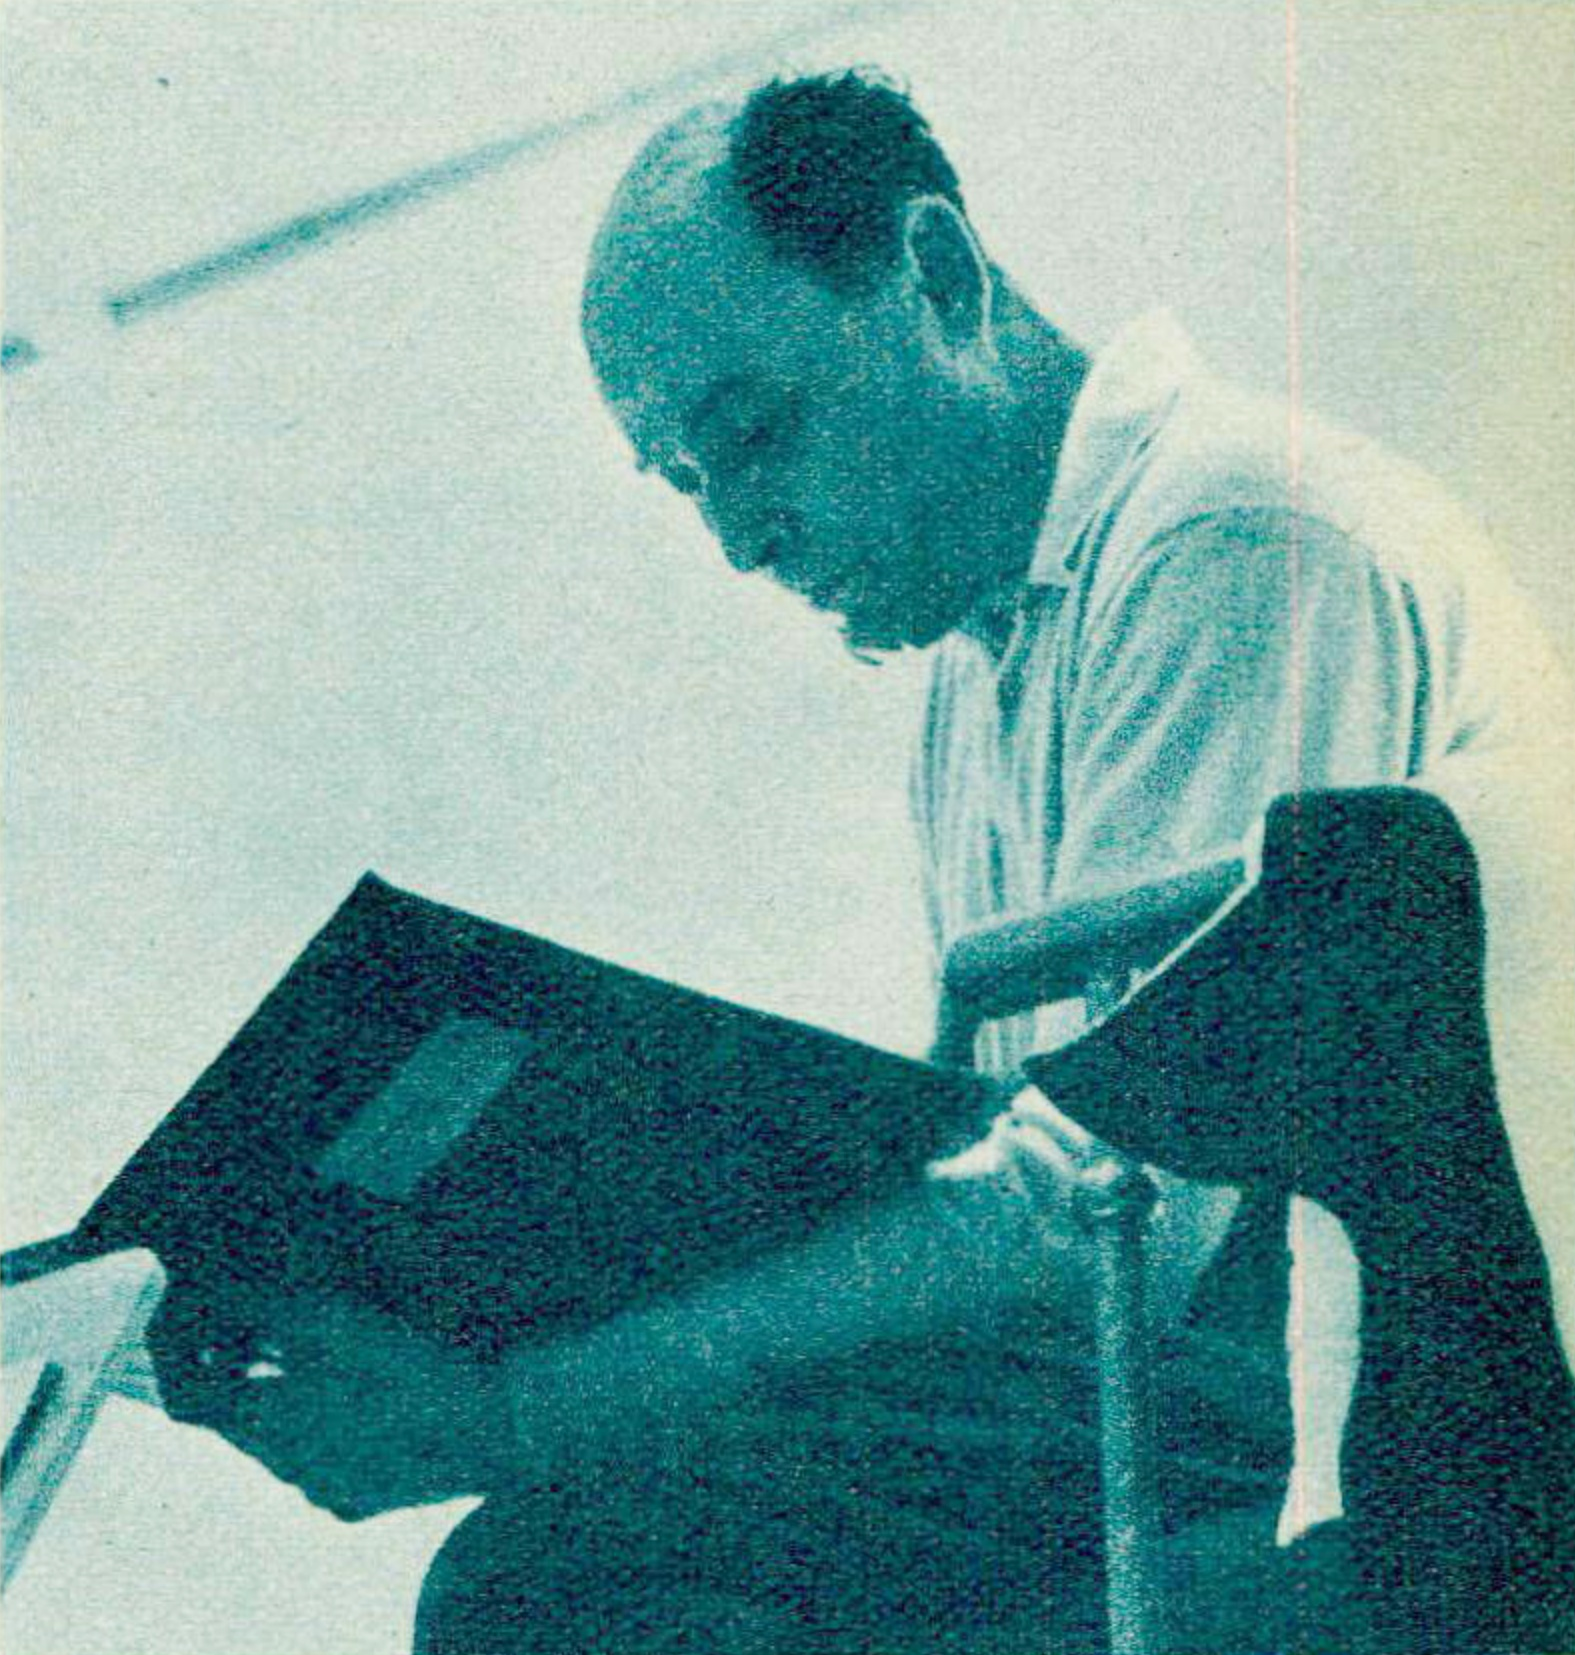 Georg Solti, une photo publiée entre autres dans la revue Radio TV Je vois tout du 18 août 1960, No 33, page 11